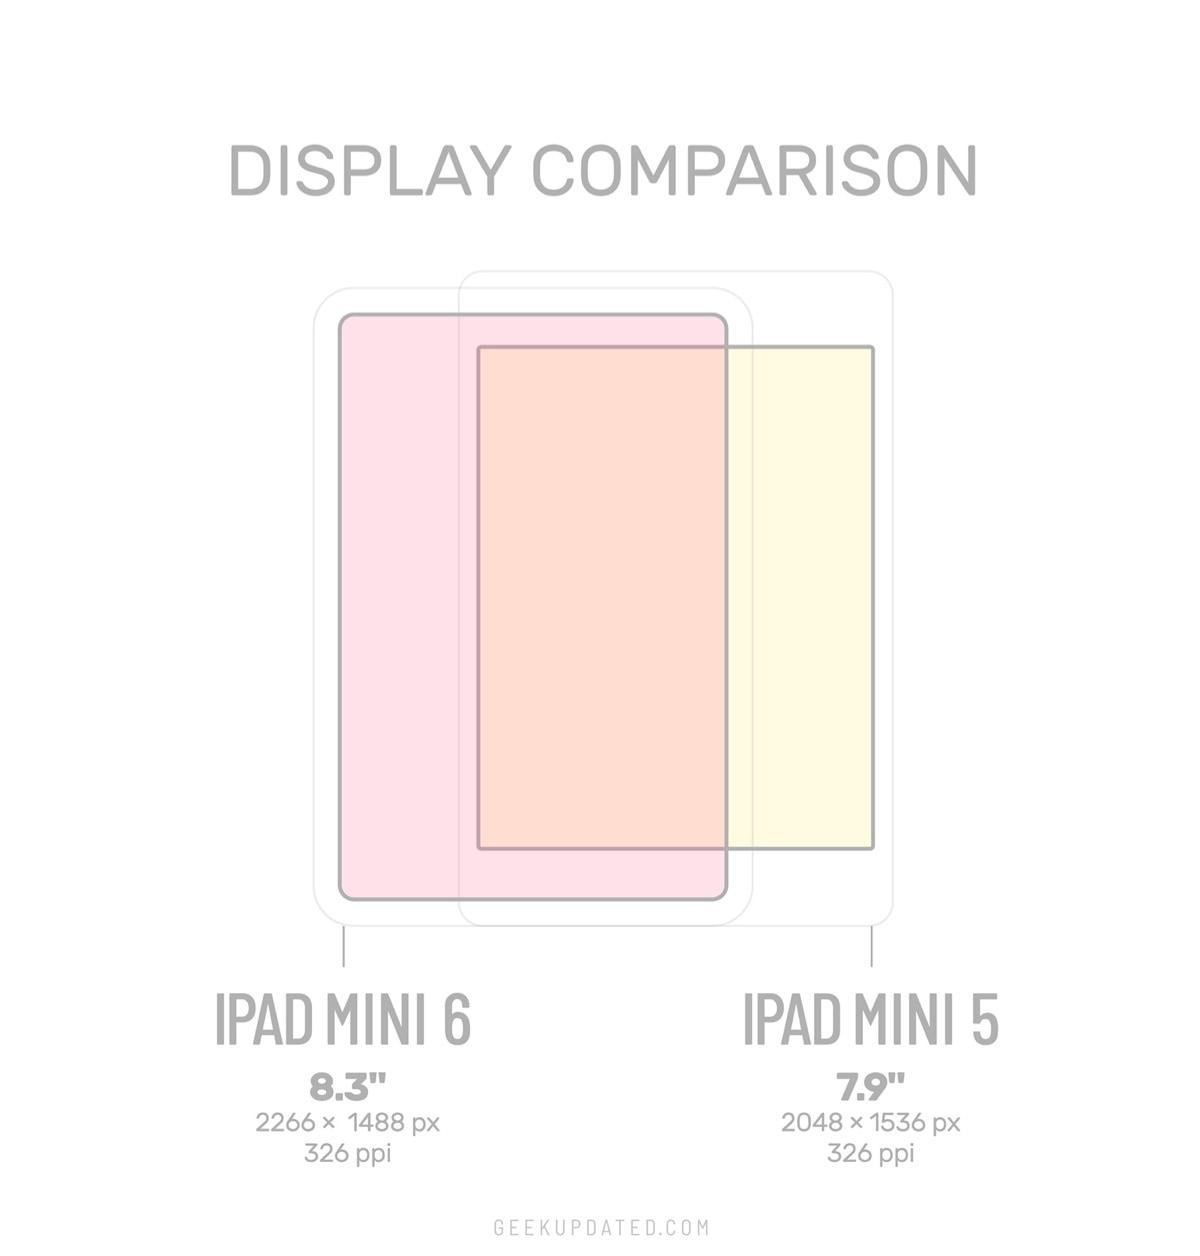 iPad mini 6 vs mini 5 display size comparison